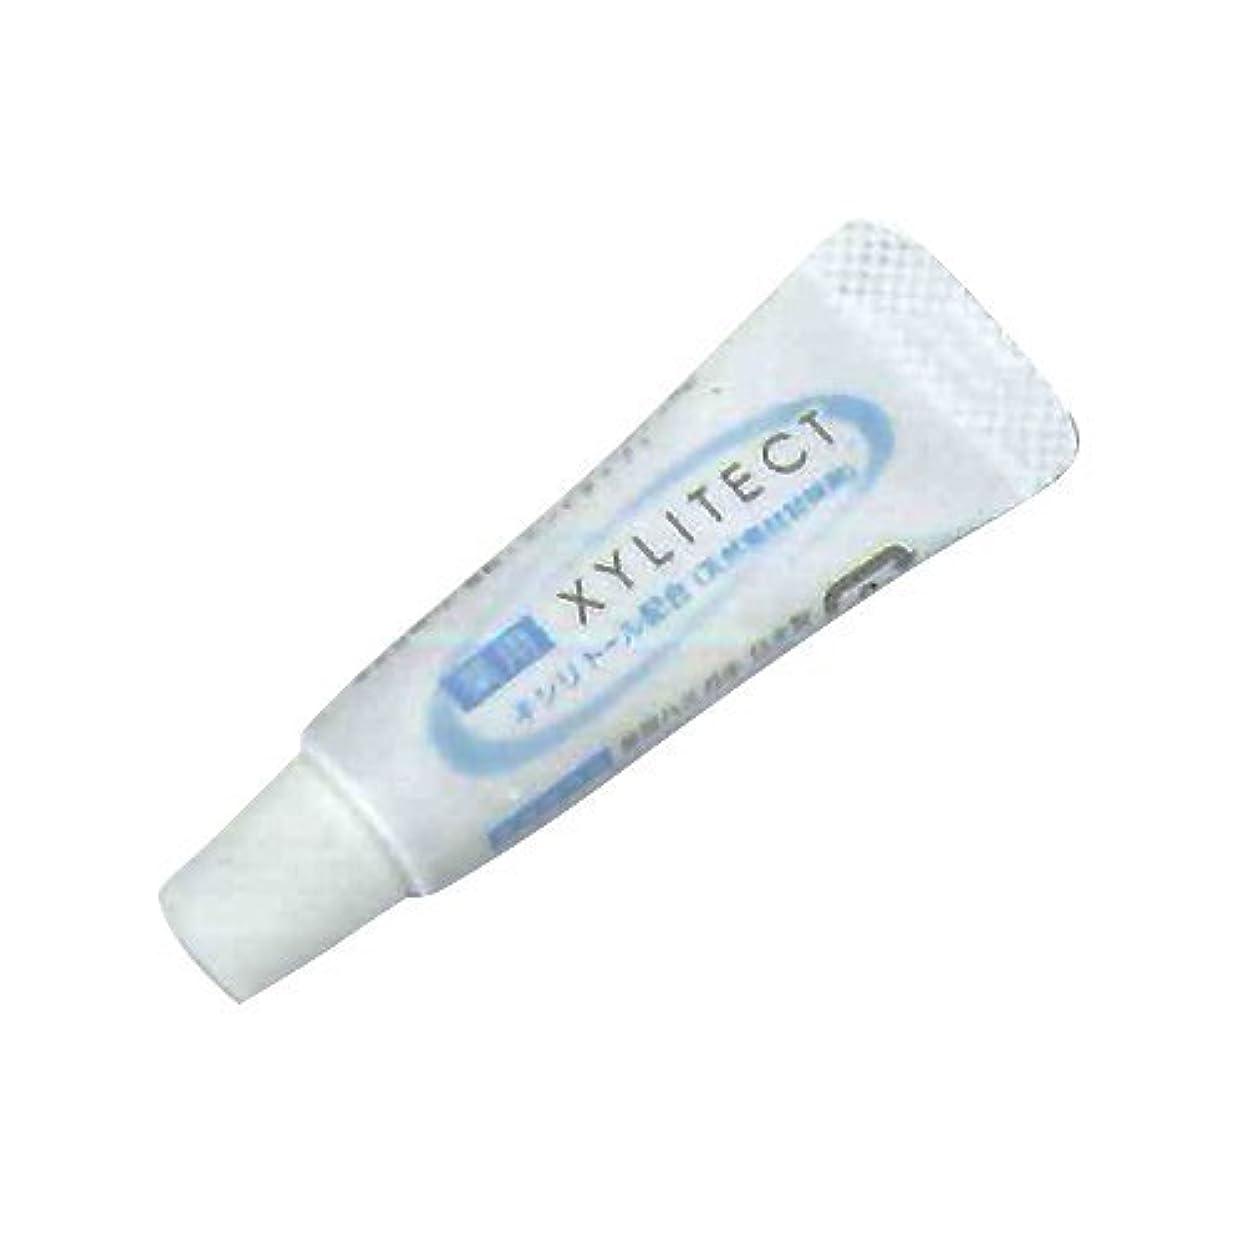 二十性交傷つきやすい業務用歯磨き粉 薬用キシリテクト (XYLITECT) 4.5g ×20個セット (個包装タイプ) | ホテルアメニティ ハミガキ toothpaste